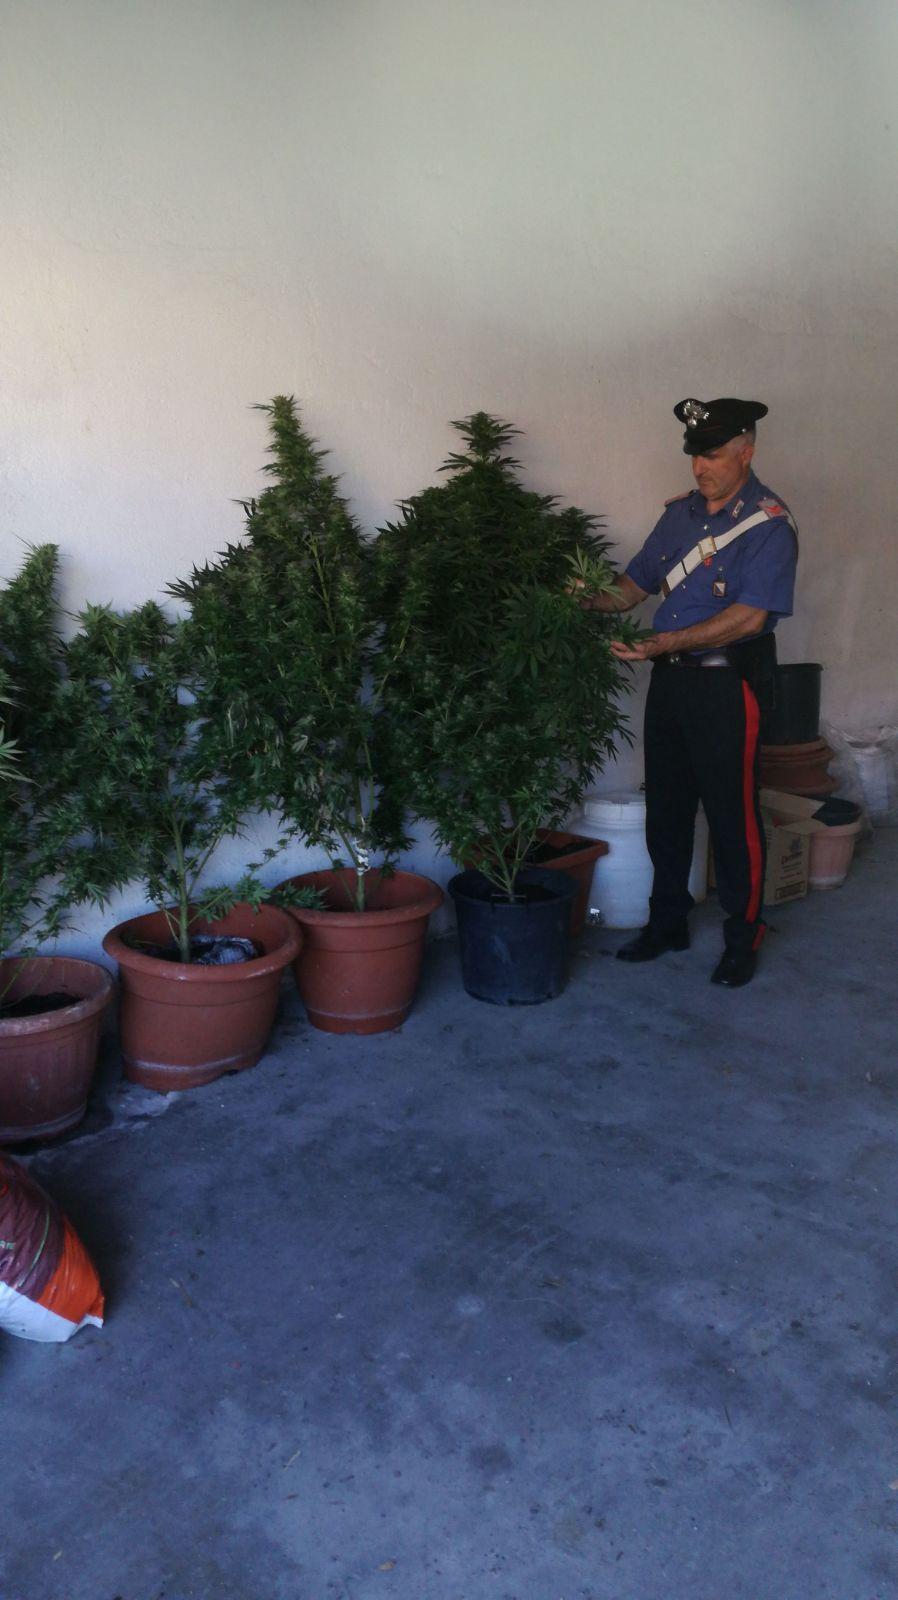 Pontelandolfo, famiglia denunciata per produzione illegale di cannabinoidi